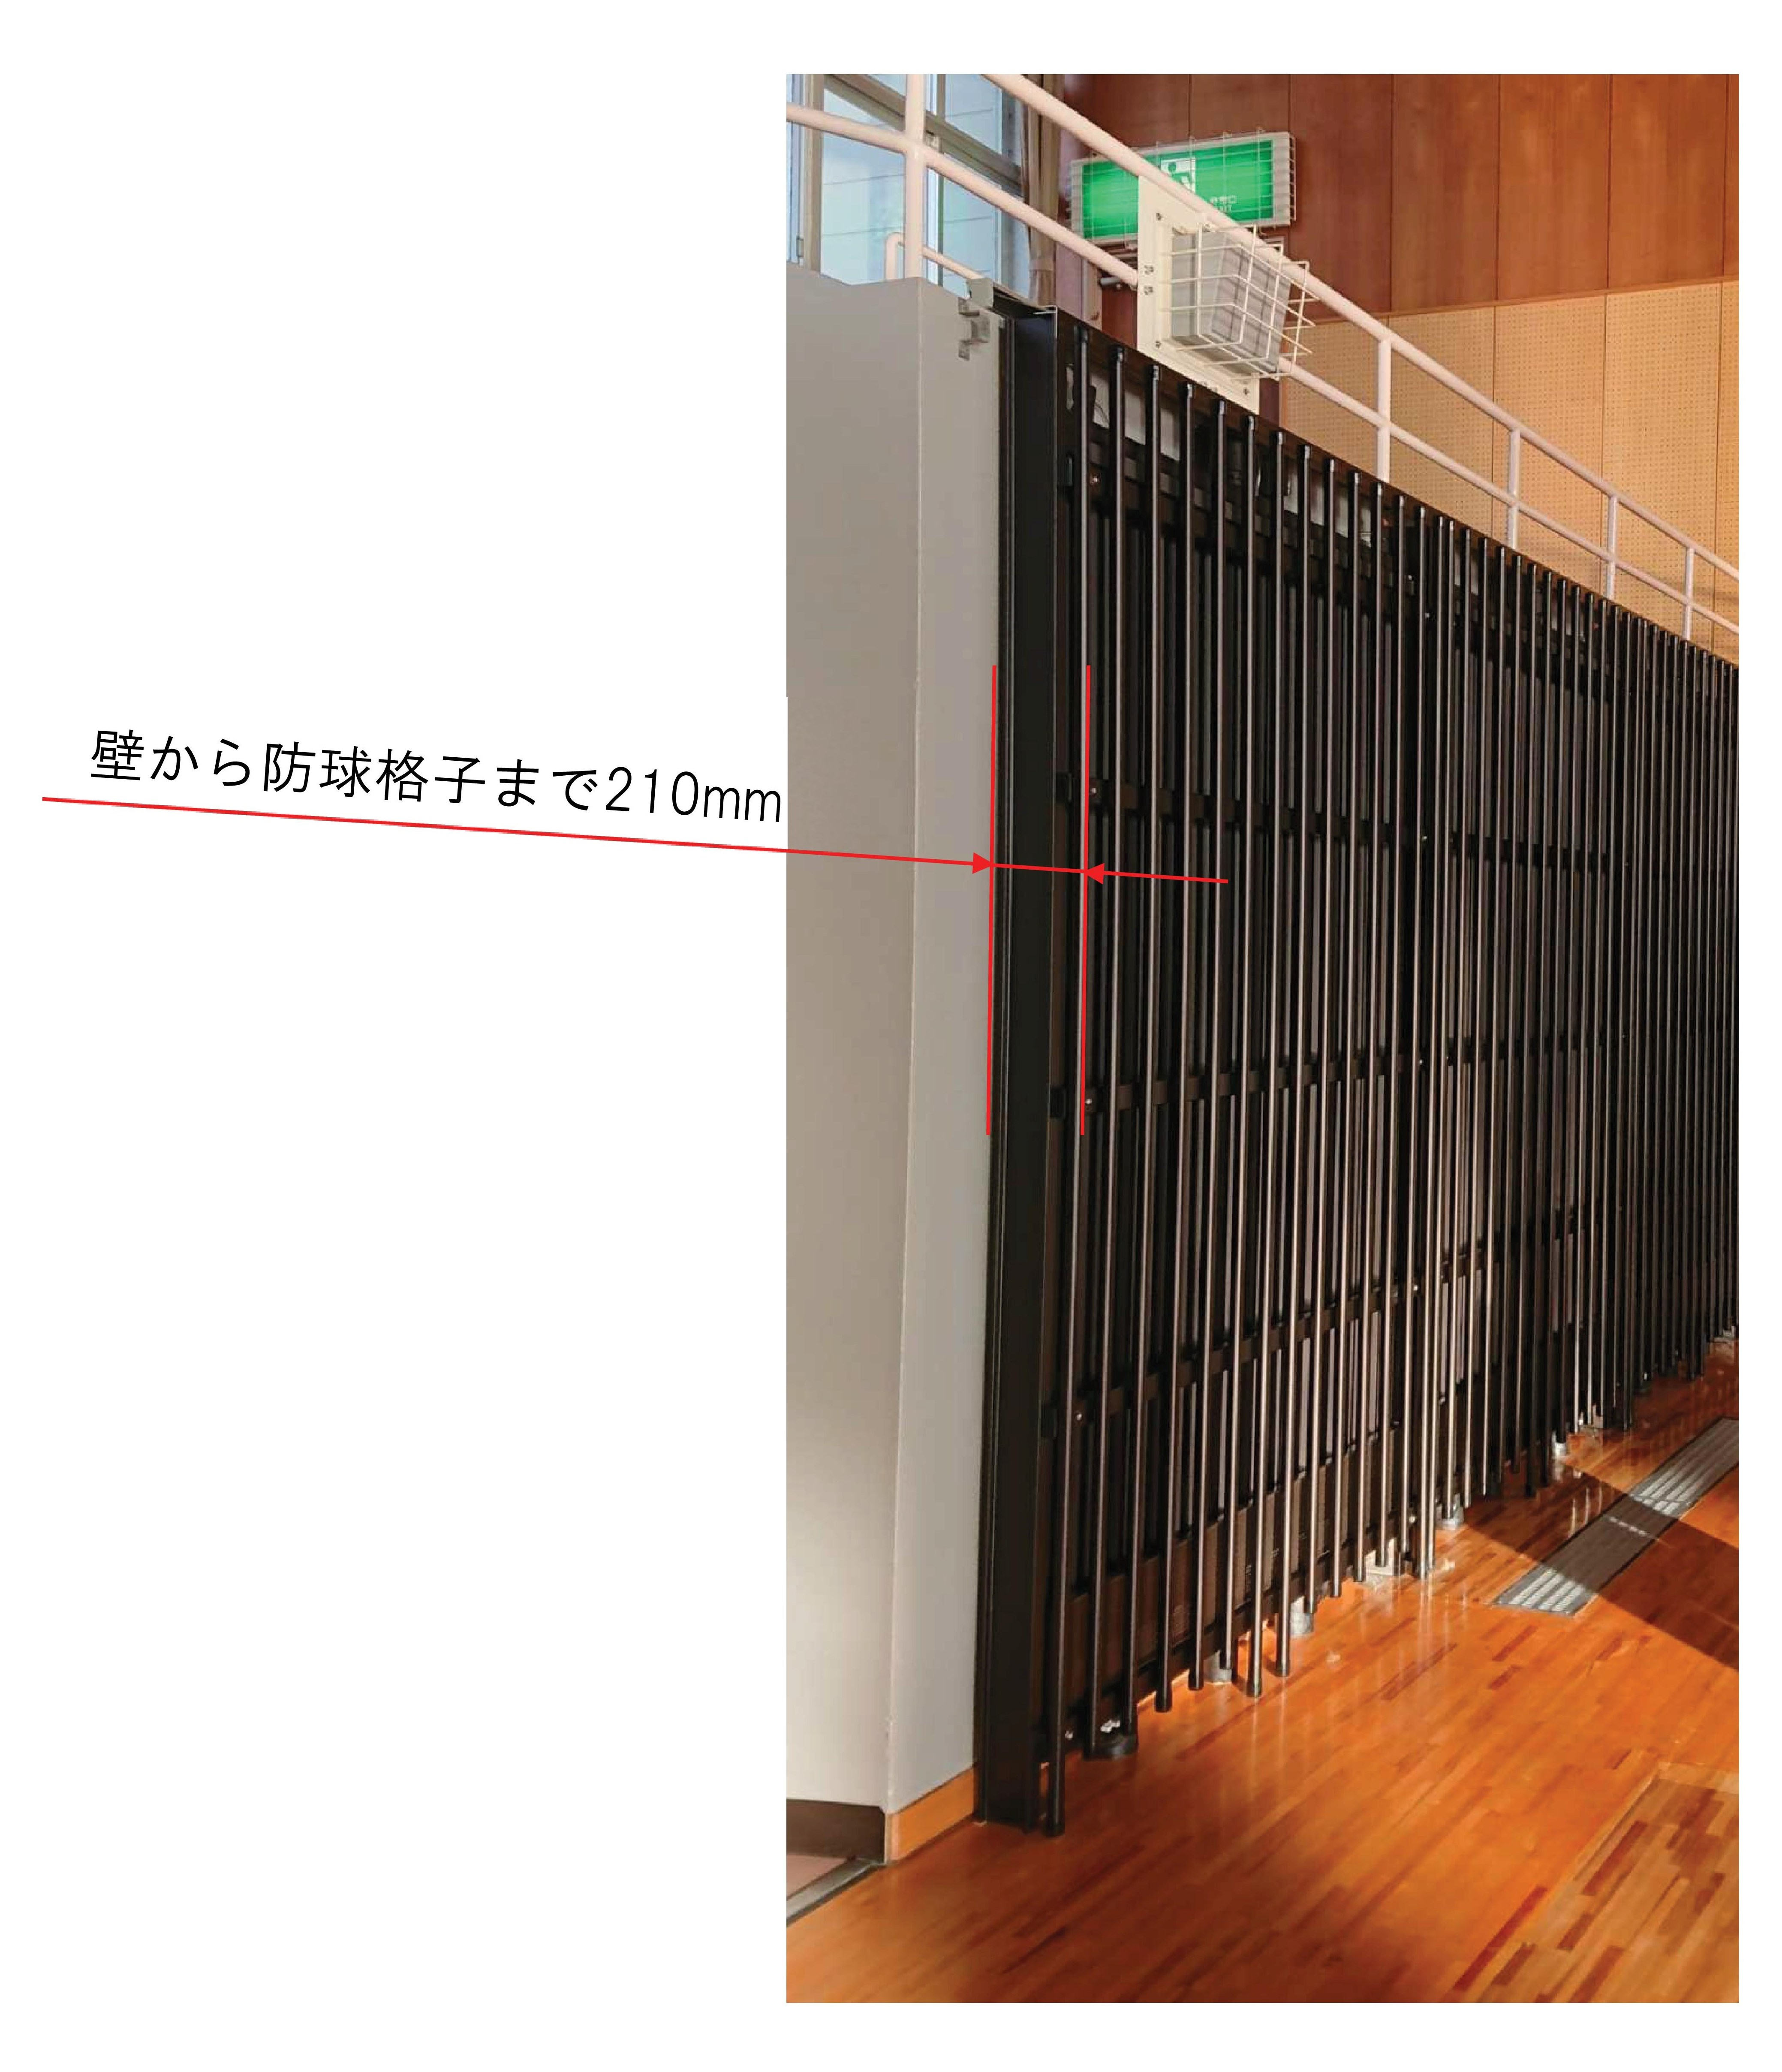 壁から防球格子までの距離 (3)